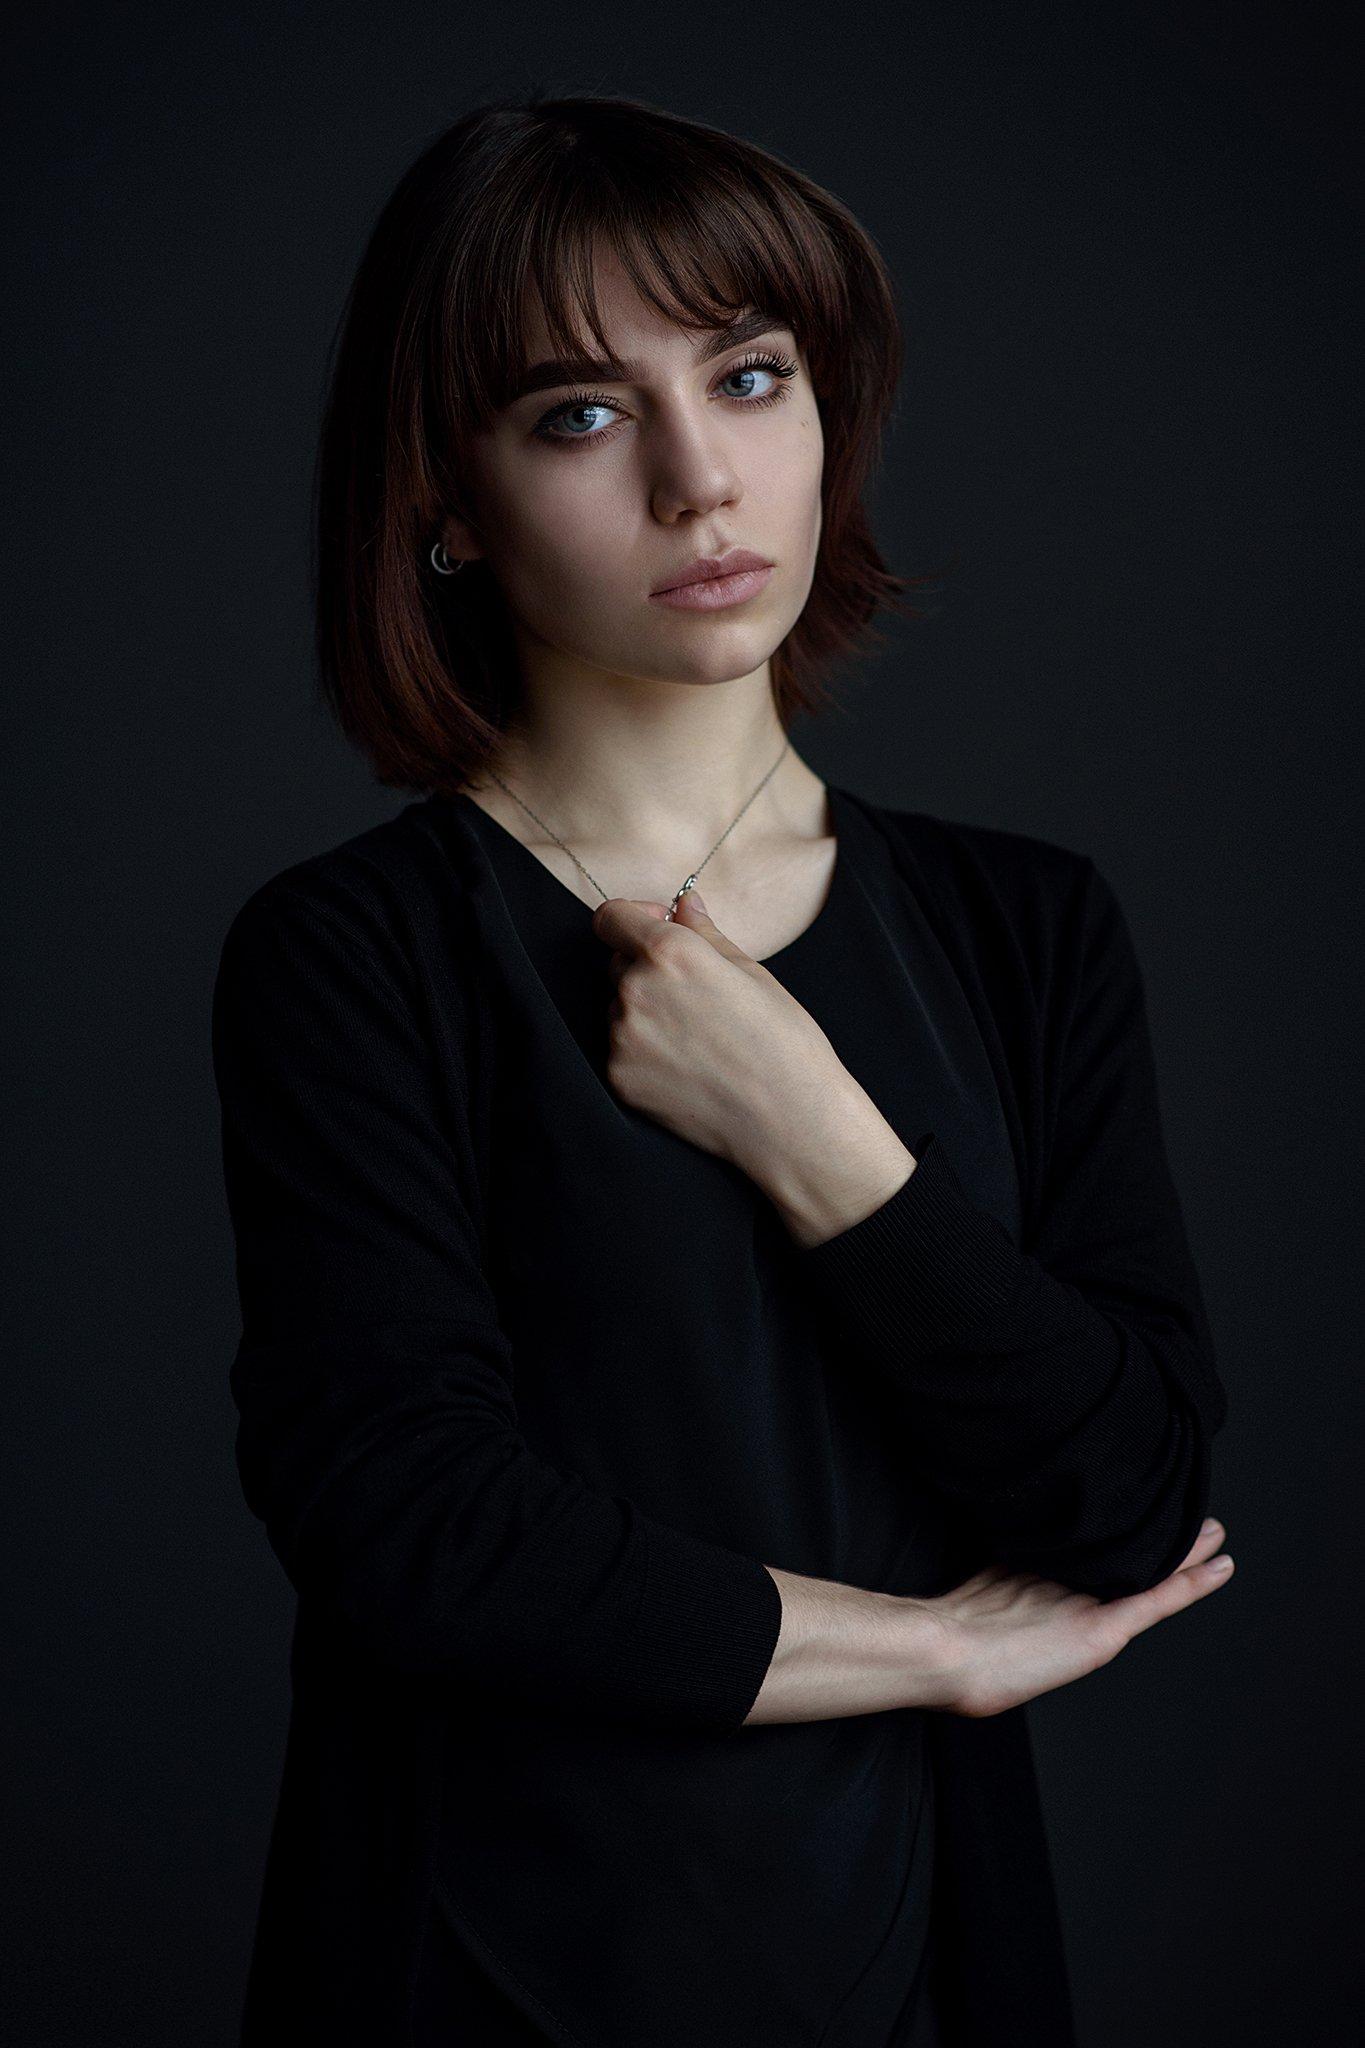 портрет, portrait, Nikon, 85mm, Александр Макушин